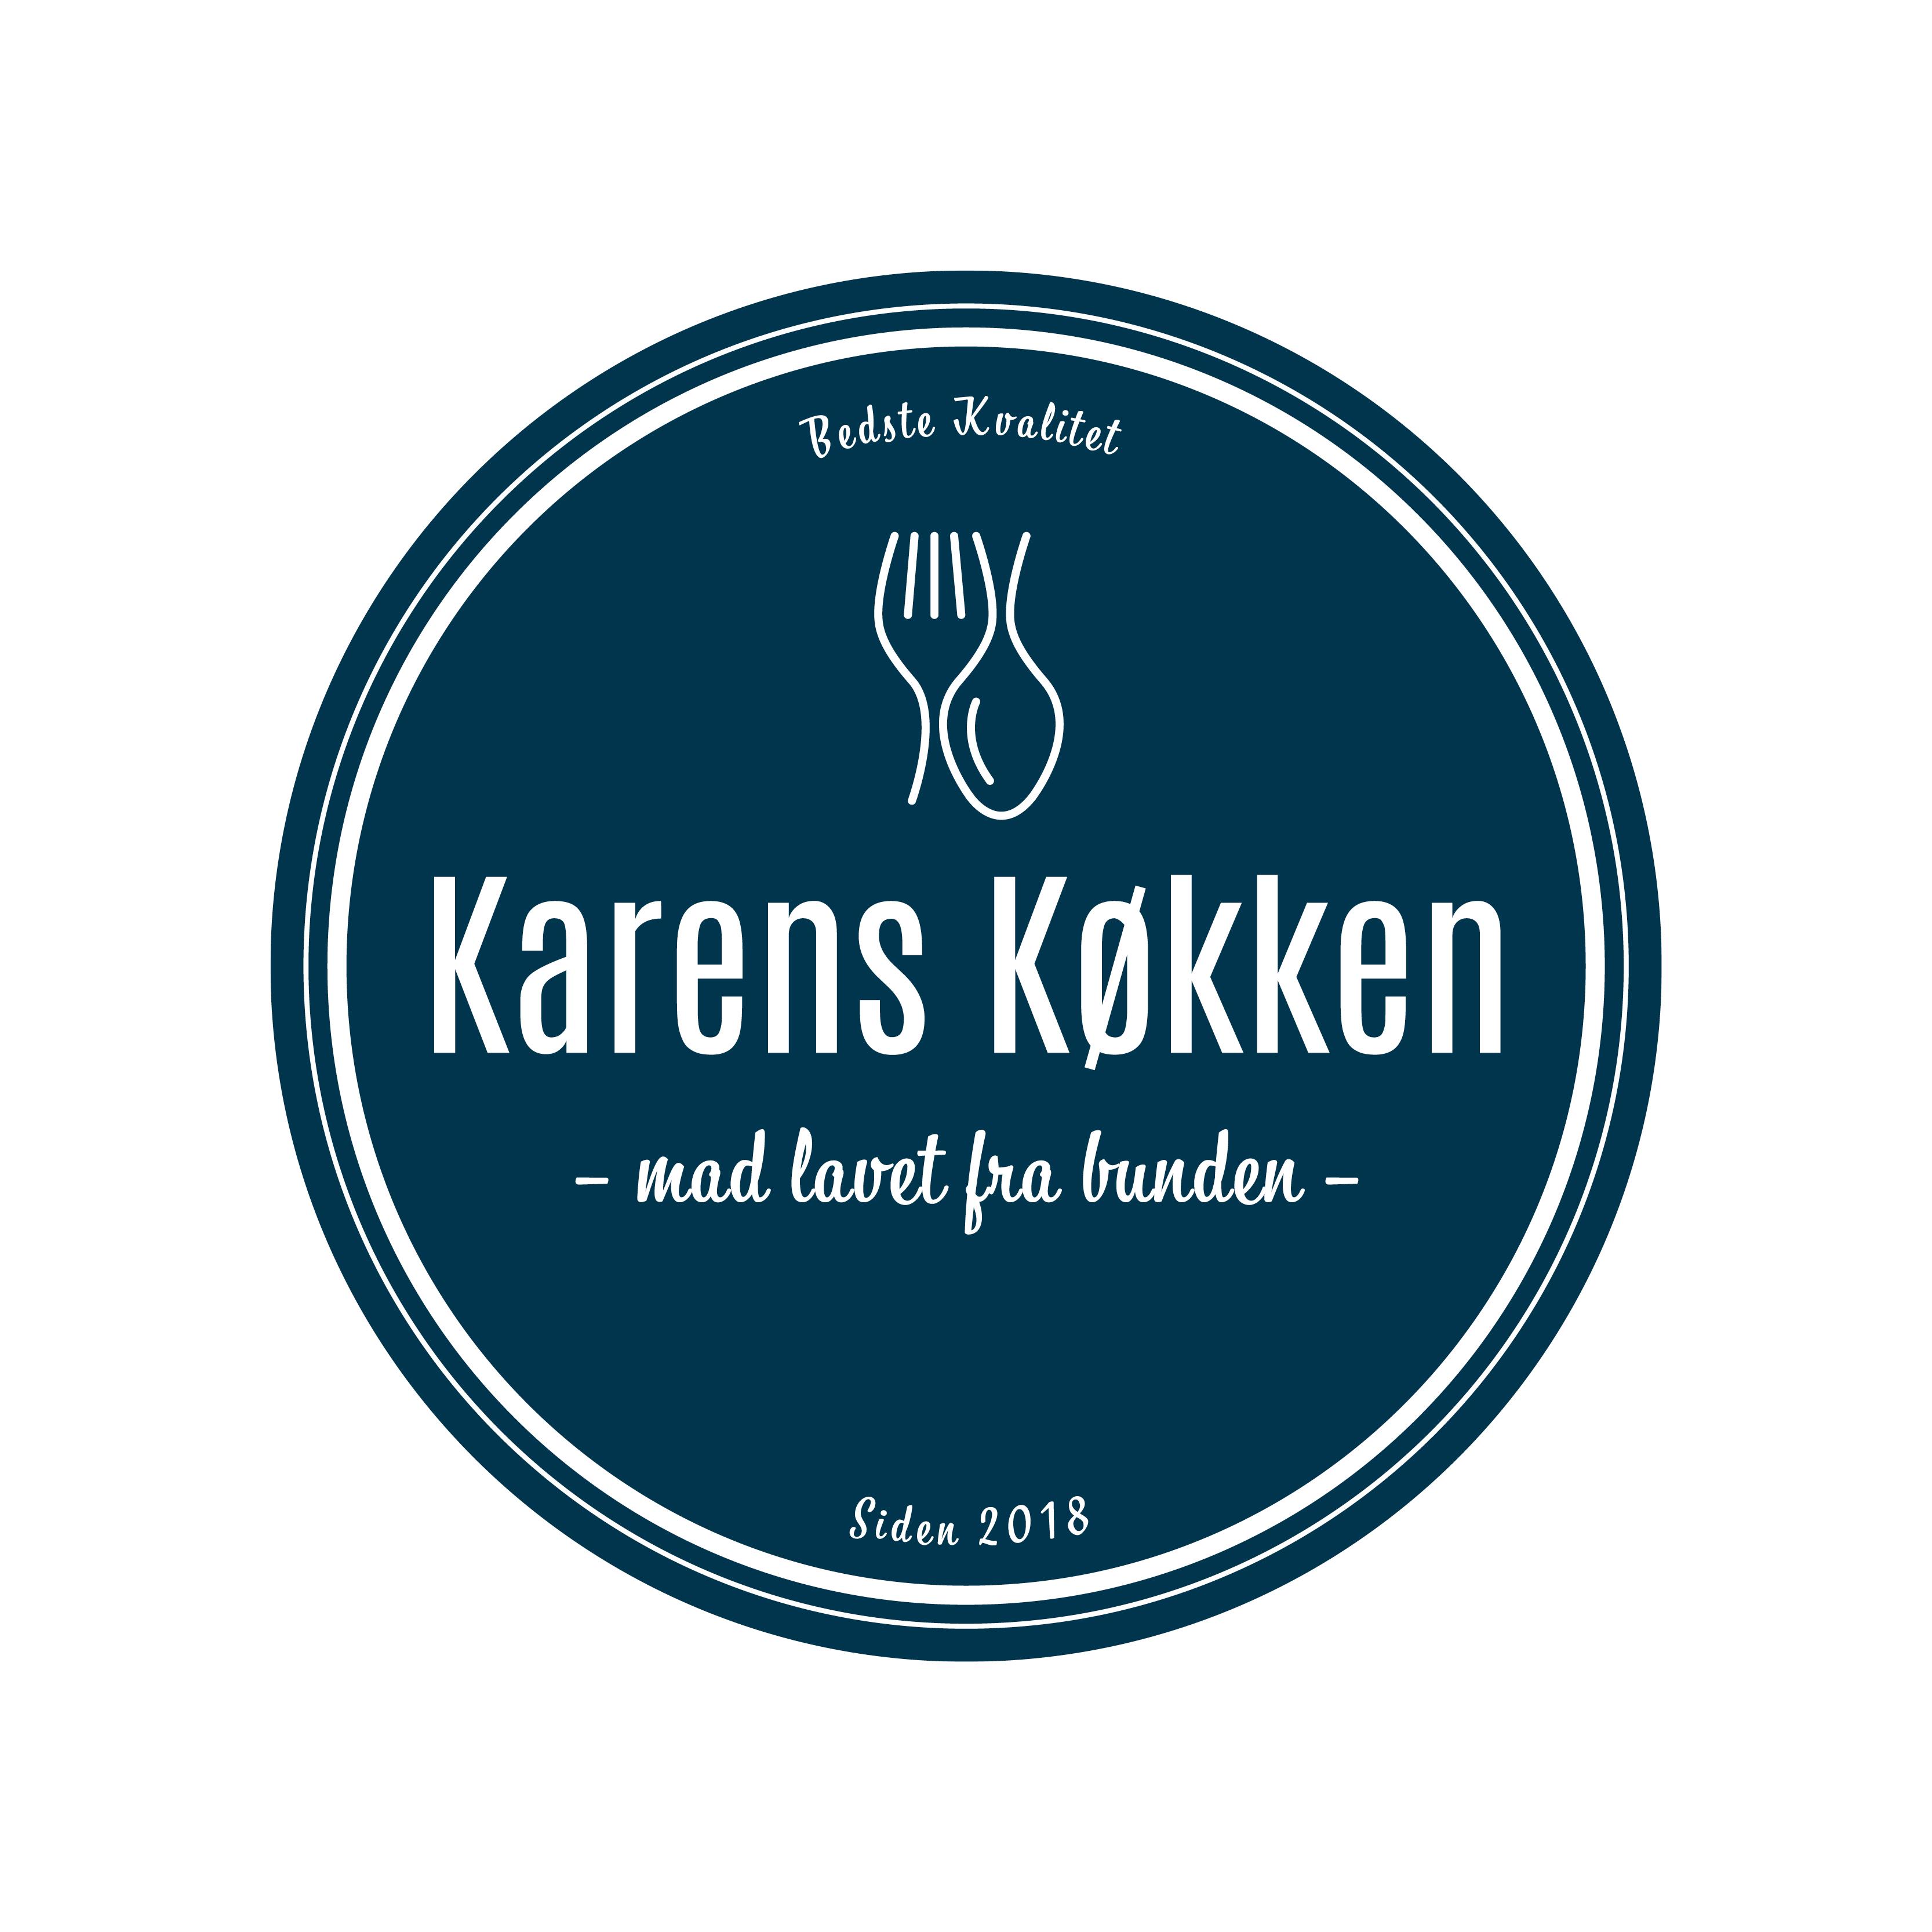 Unikt logo til din virksomhed - Lindstedt Graphic Design Studio - Karens Køkken